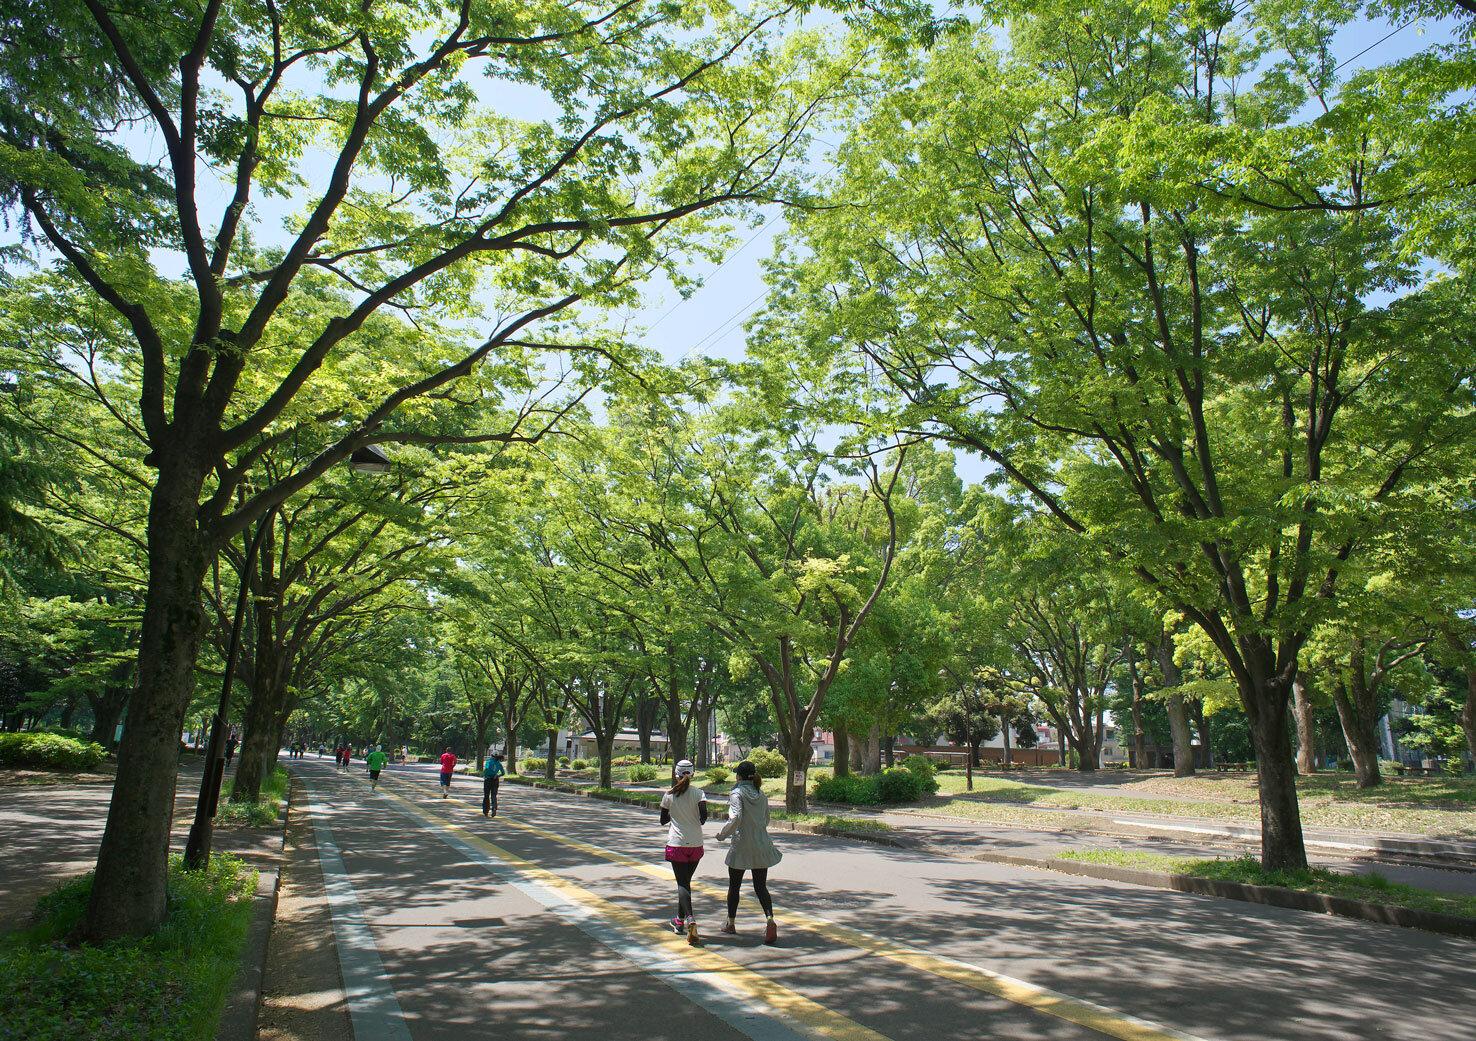 「駒沢オリンピック公園」で前回の東京オリンピックを振り返り、来年の東京2020大会のカウントダウンをしよう